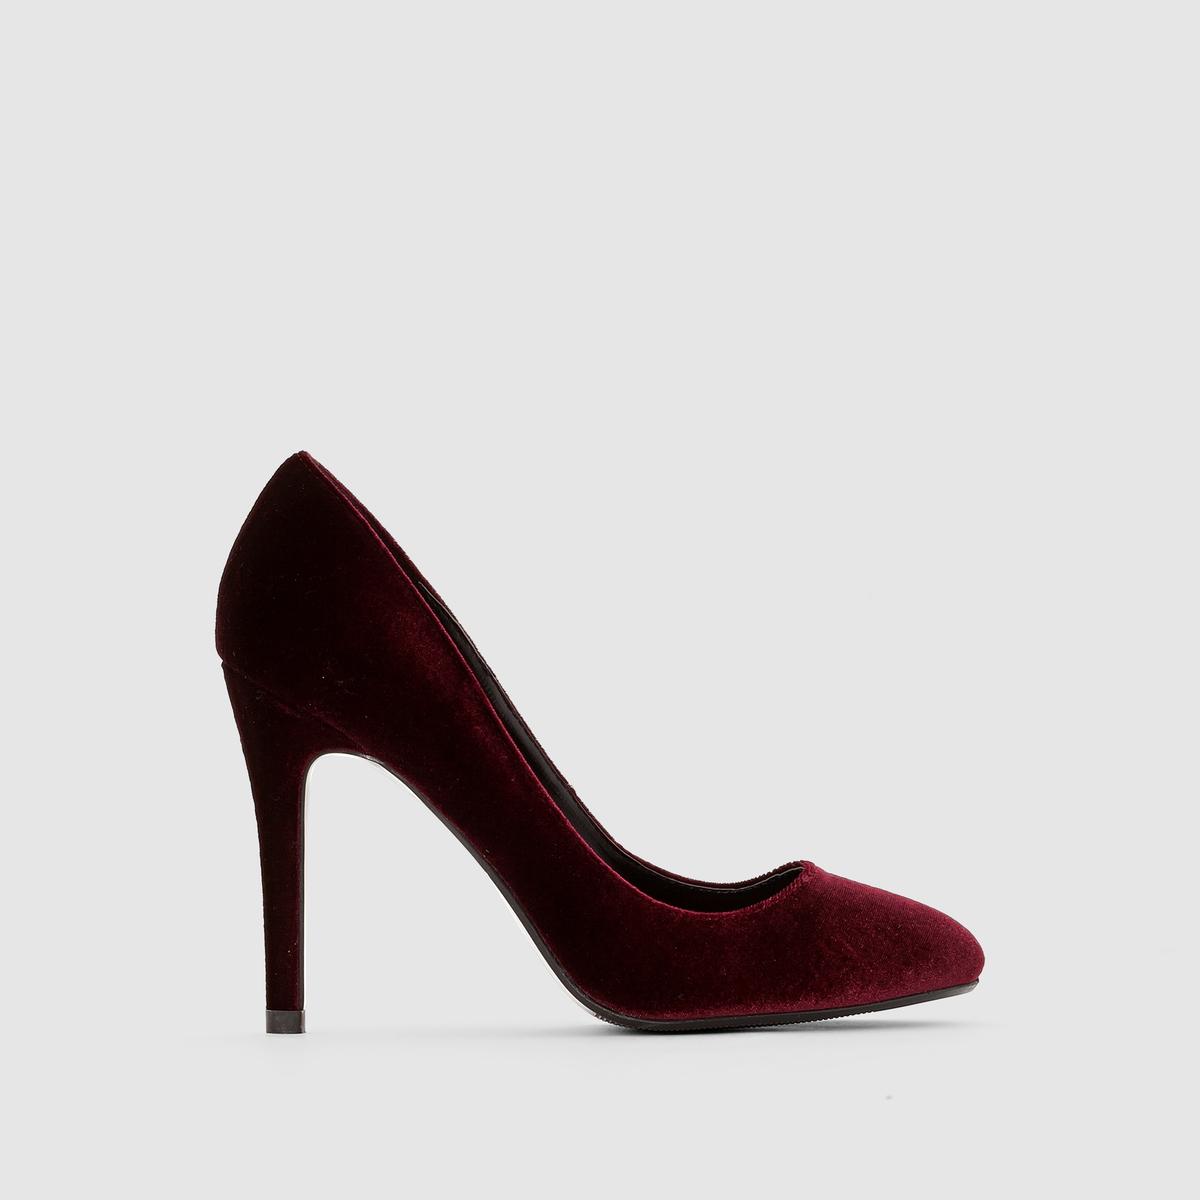 Туфли велюровыеПодкладка : Синтетический материал         Стелька : Синтетический материал         Подошва : эластомер.         Форма каблука : шпилька      Высота каблука: 10 см         Мысок : Закругленный         Застежка : без застежки            Бренд: R Edition.<br><br>Цвет: бордовый,черный<br>Размер: 40.36